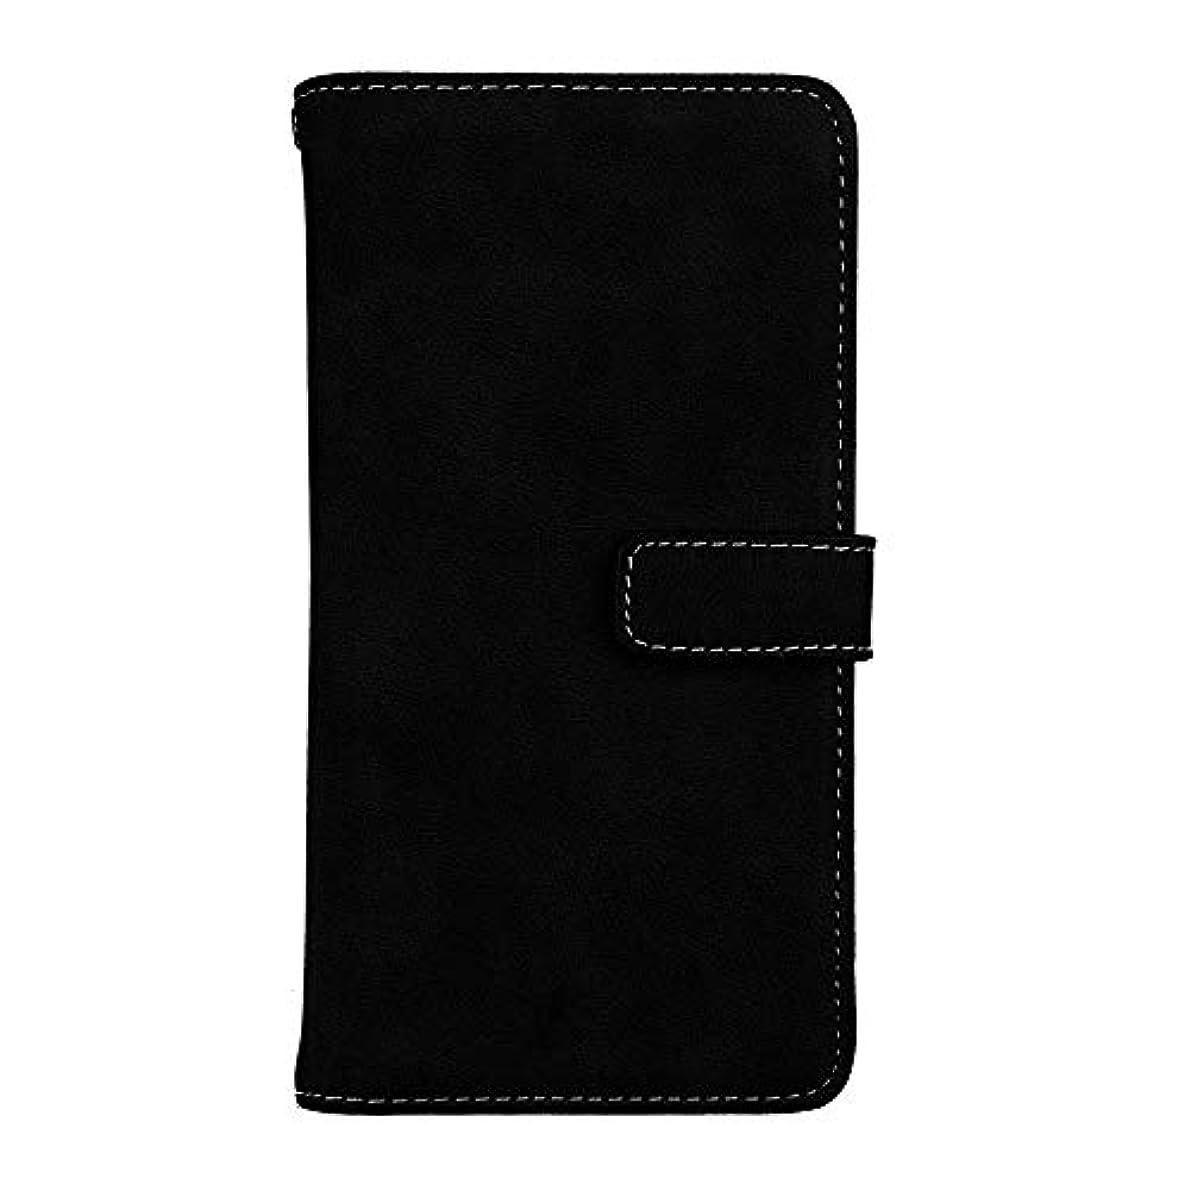 実行可能疑い者ダイジェストXiaomi Redmi Note 5 高品質 マグネット ケース, CUNUS 携帯電話 ケース 軽量 柔軟 高品質 耐摩擦 カード収納 カバー Xiaomi Redmi Note 5 用, ブラック